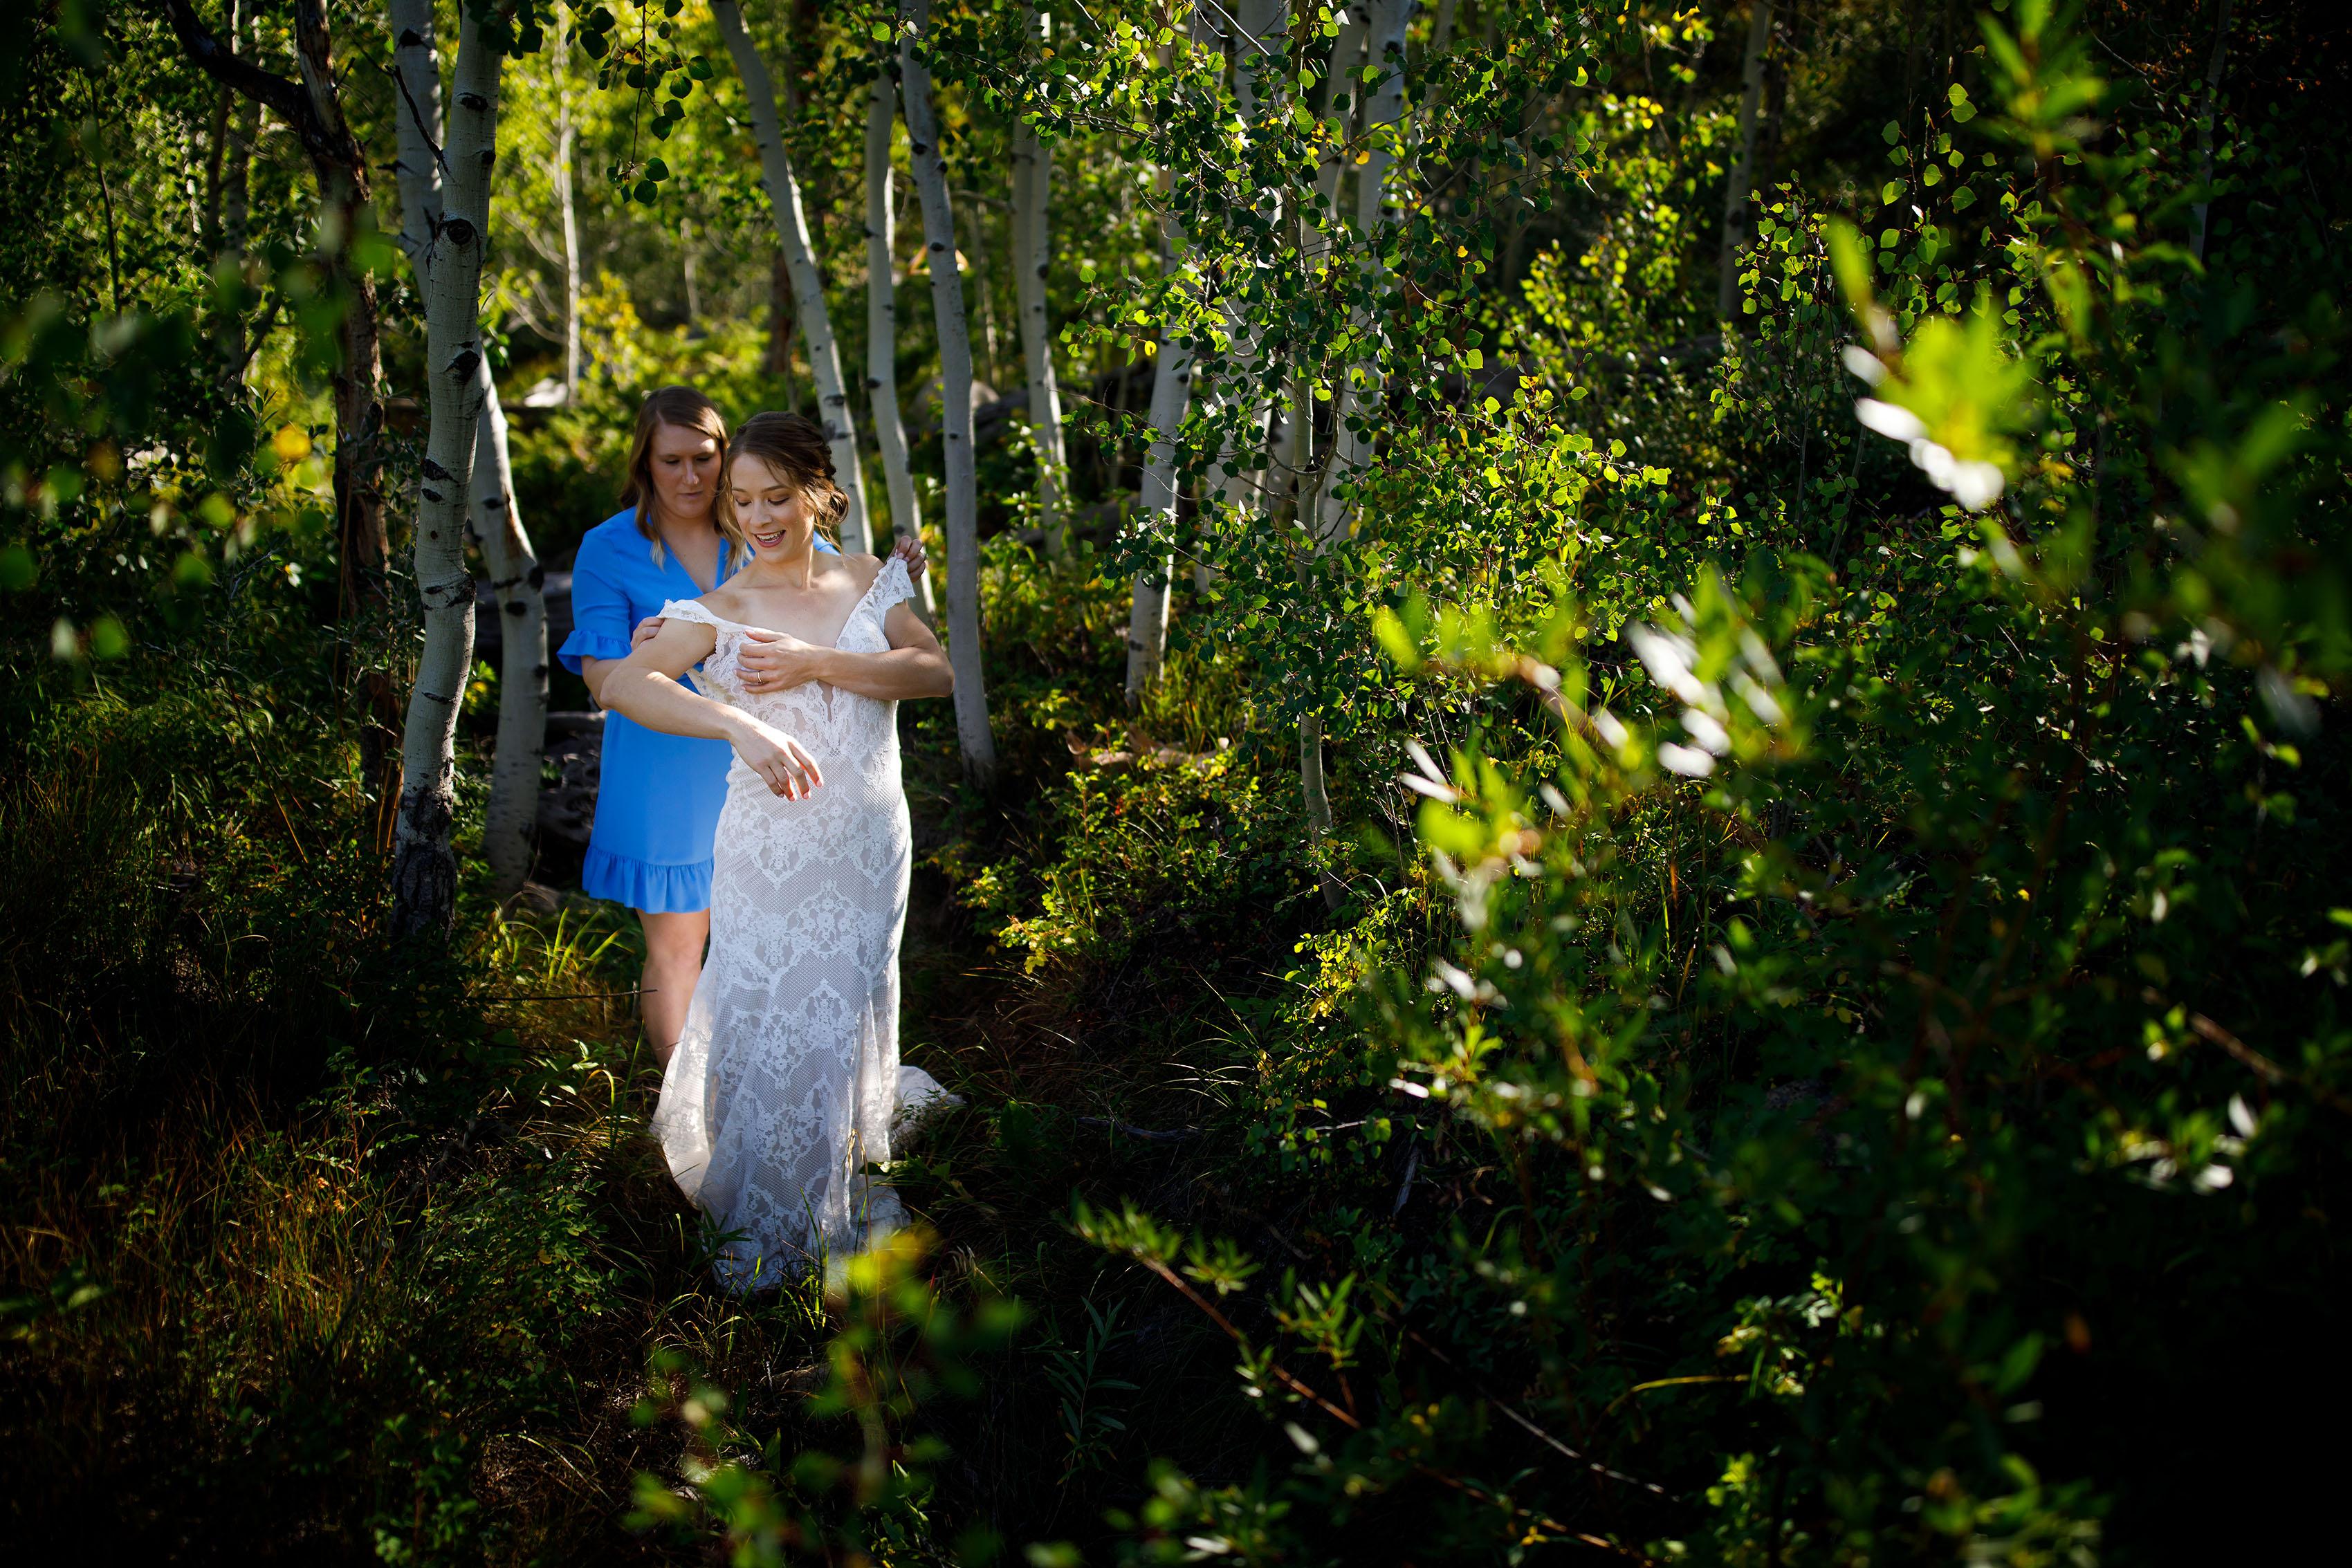 Carissa gets help putting her wedding dress on in an aspen grove